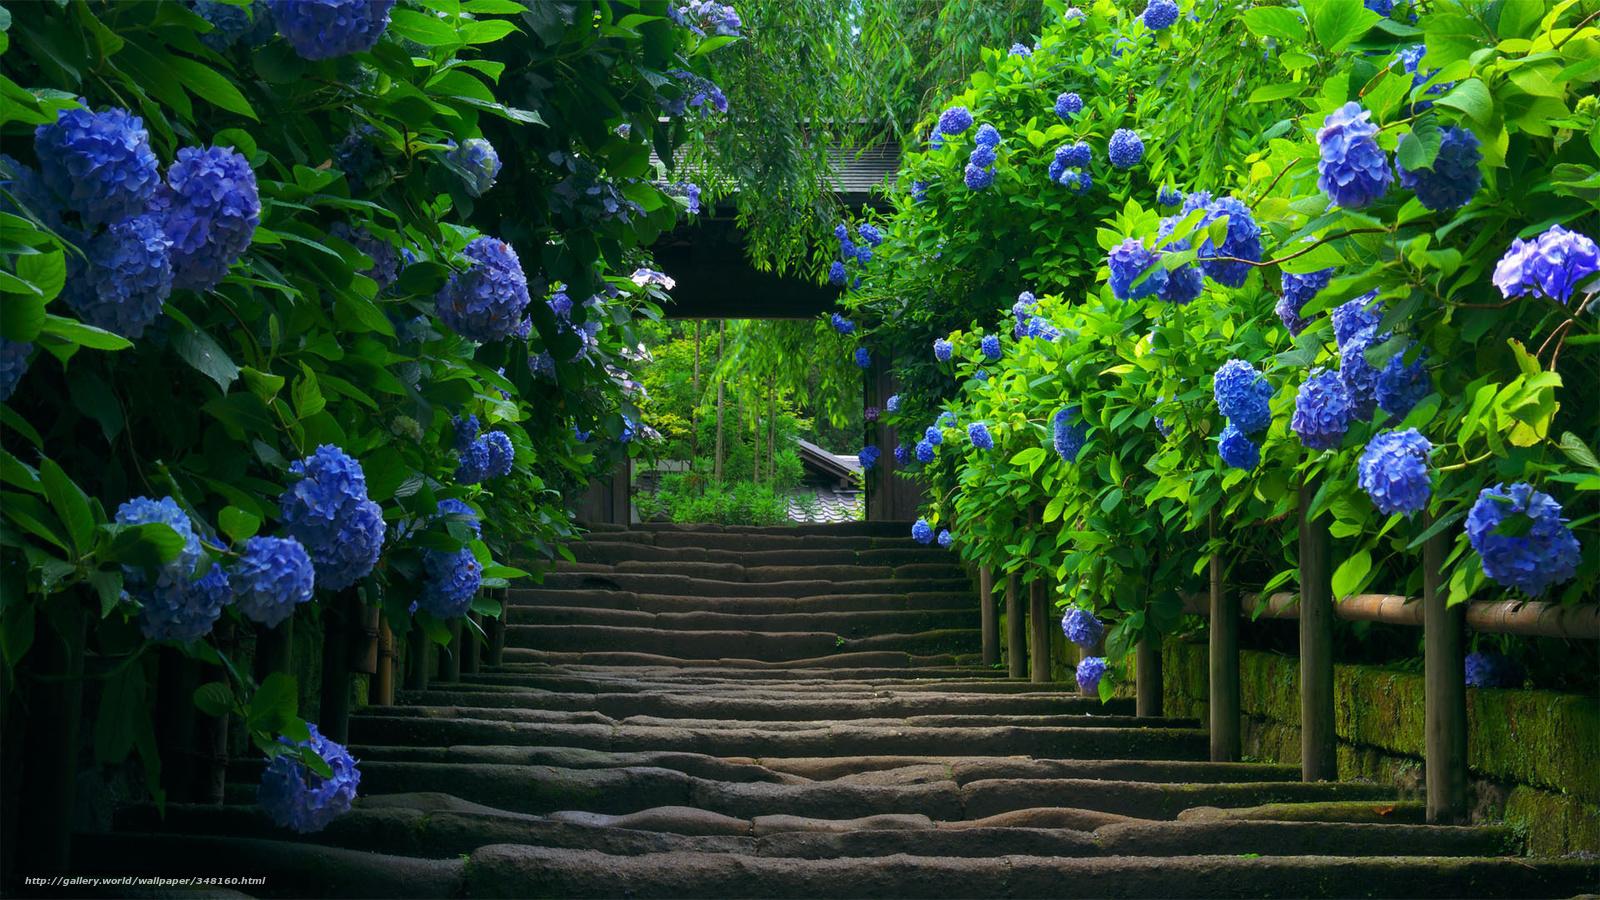 Foto Gratis Flores Fondo Naturaleza: Descargar Gratis Escalera, Flores, Arbustos, Naturaleza